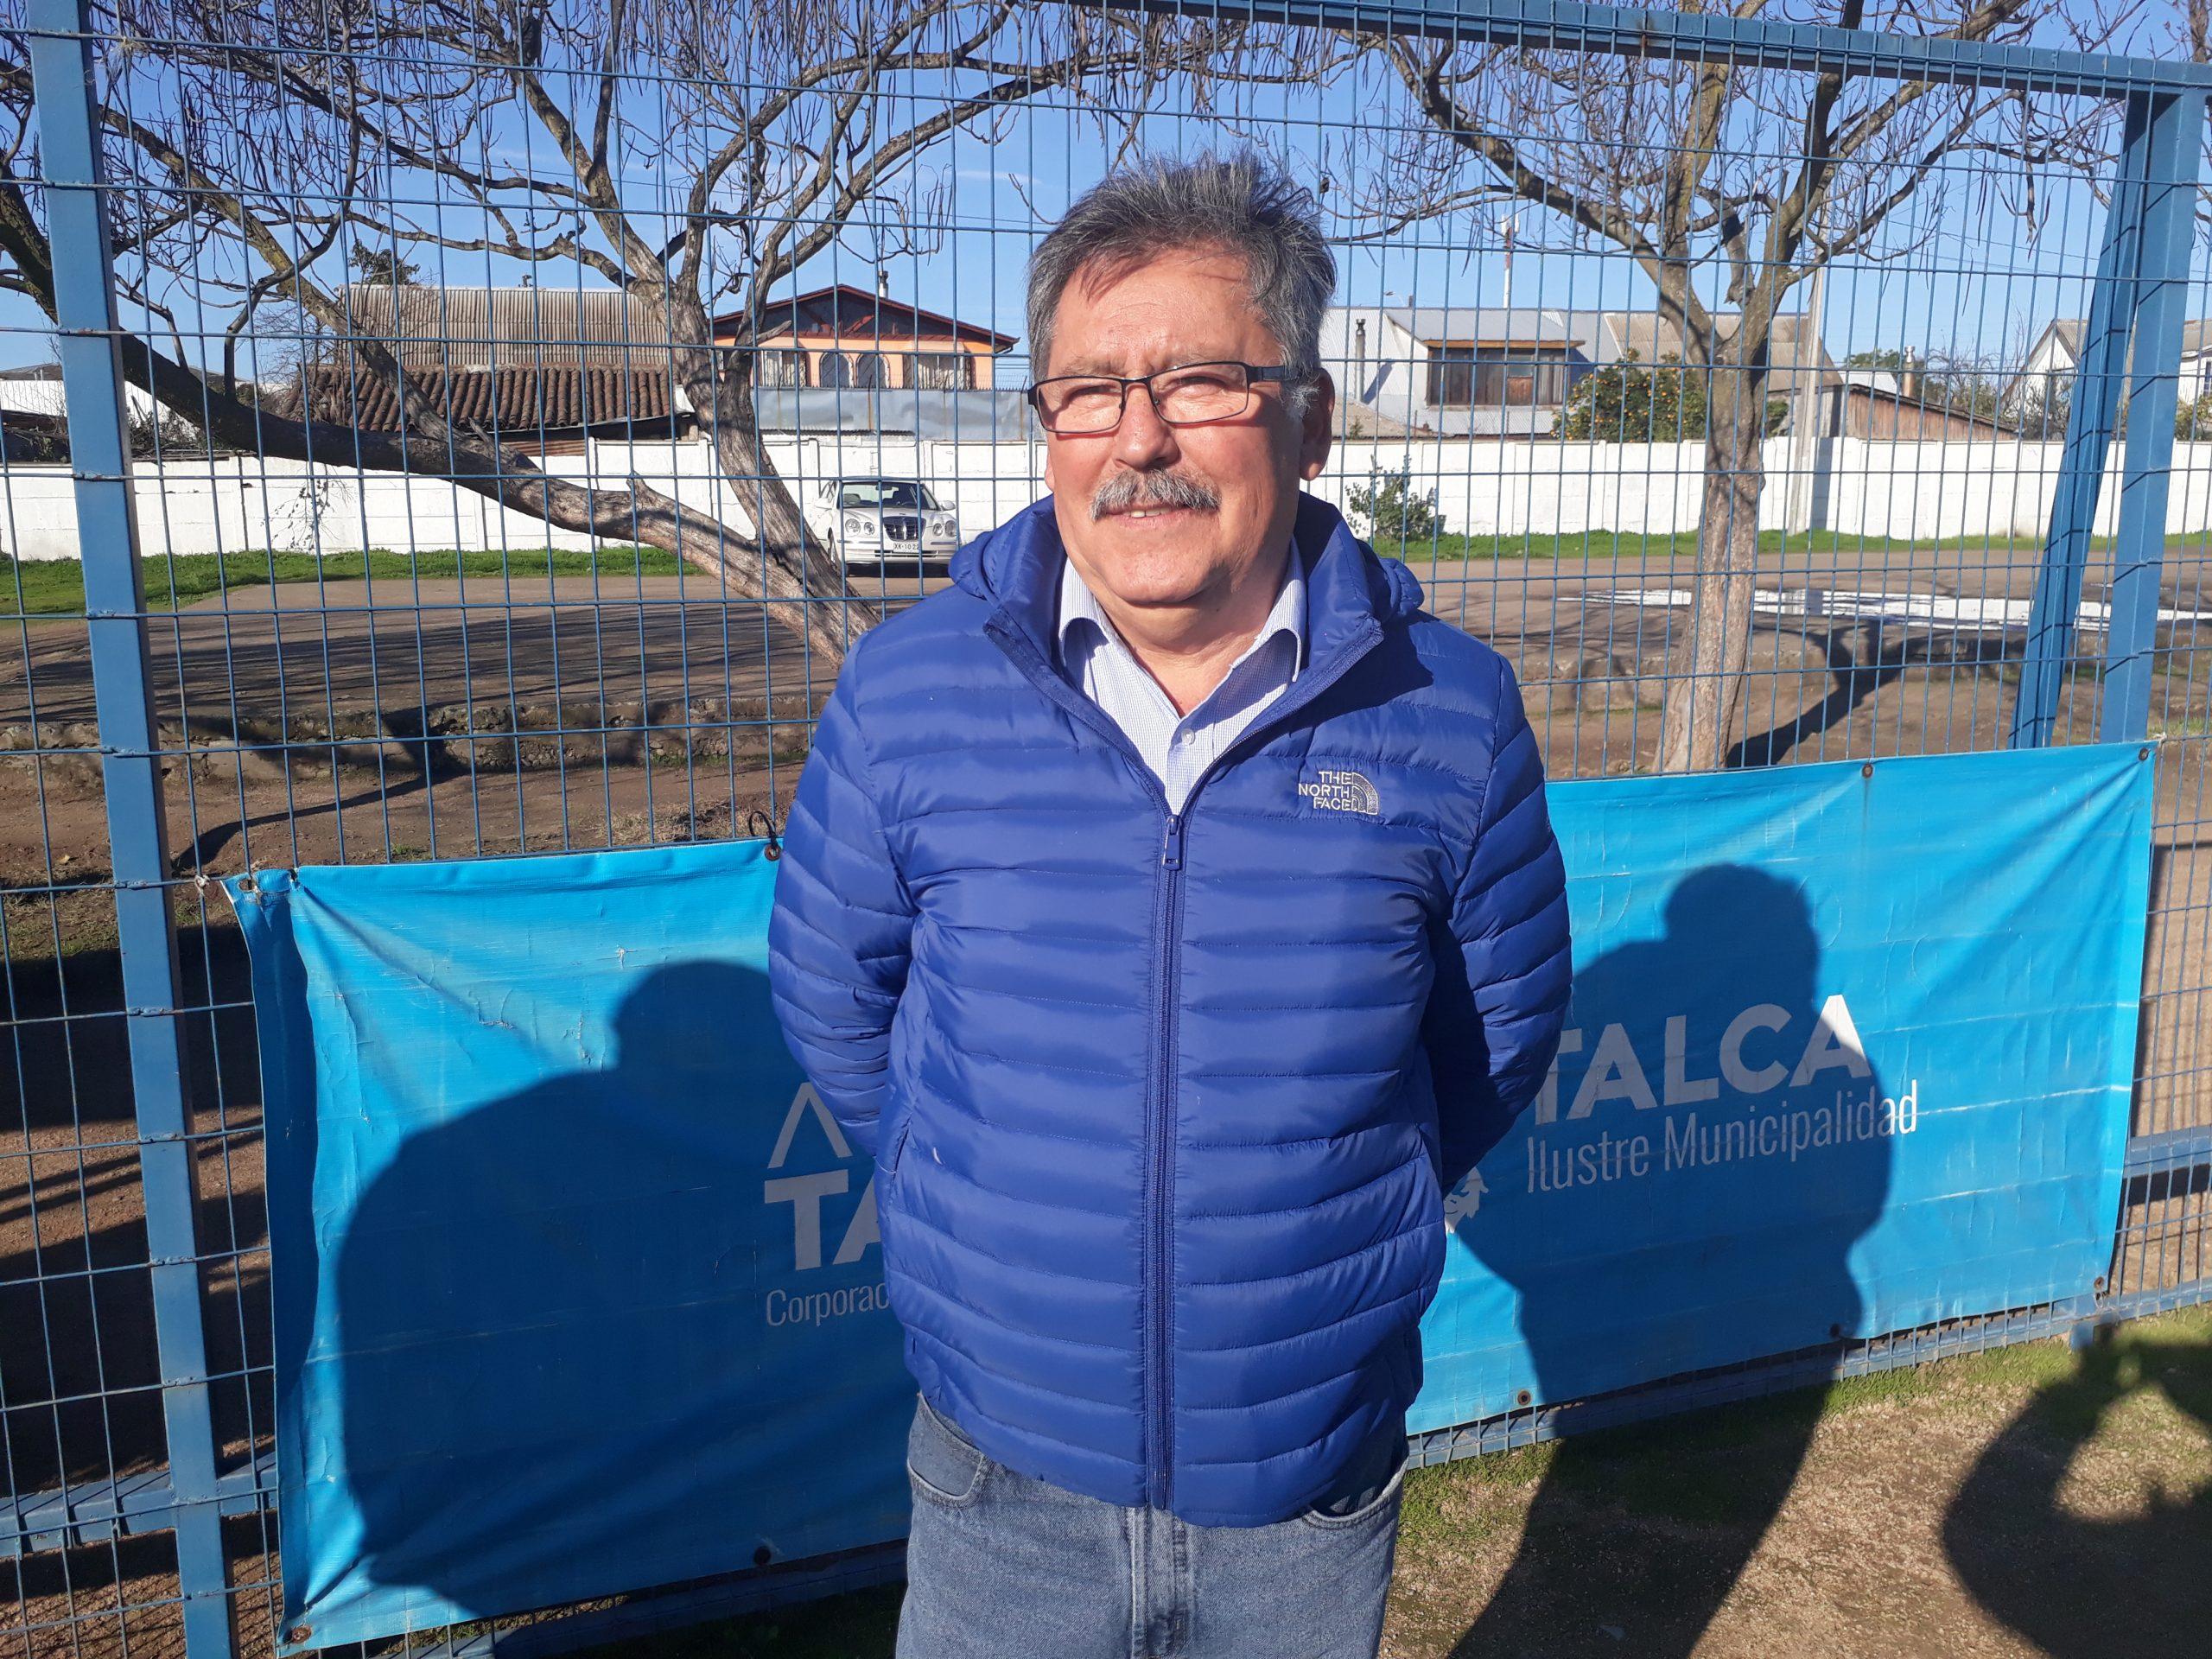 Héctor Oyarzún Presidente del Consejo Local de Deportes de Talca